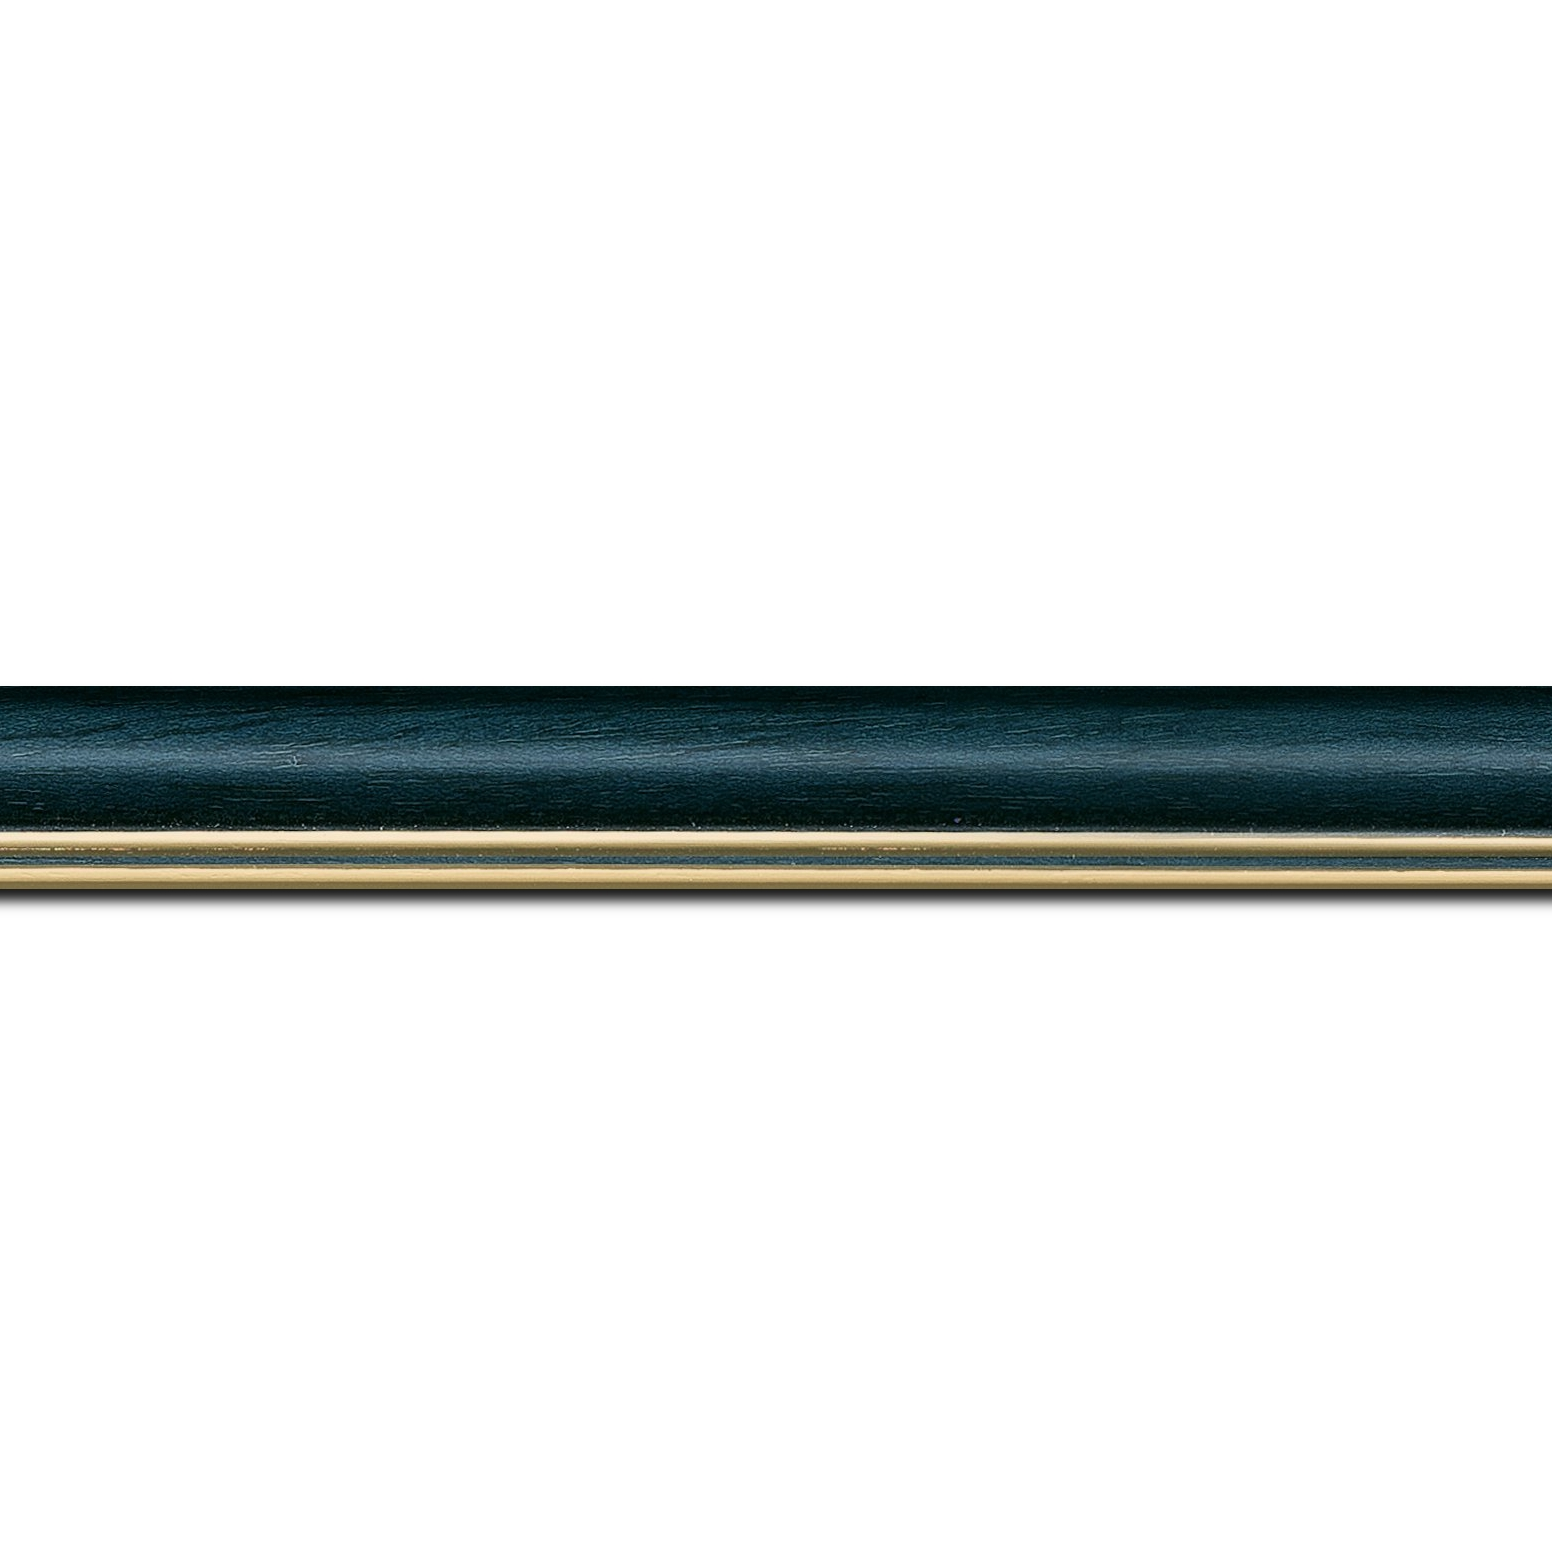 Pack par 12m, bois profil doucine inversée largeur 2.3cm bleu pétrole satiné double filet or (longueur baguette pouvant varier entre 2.40m et 3m selon arrivage des bois)